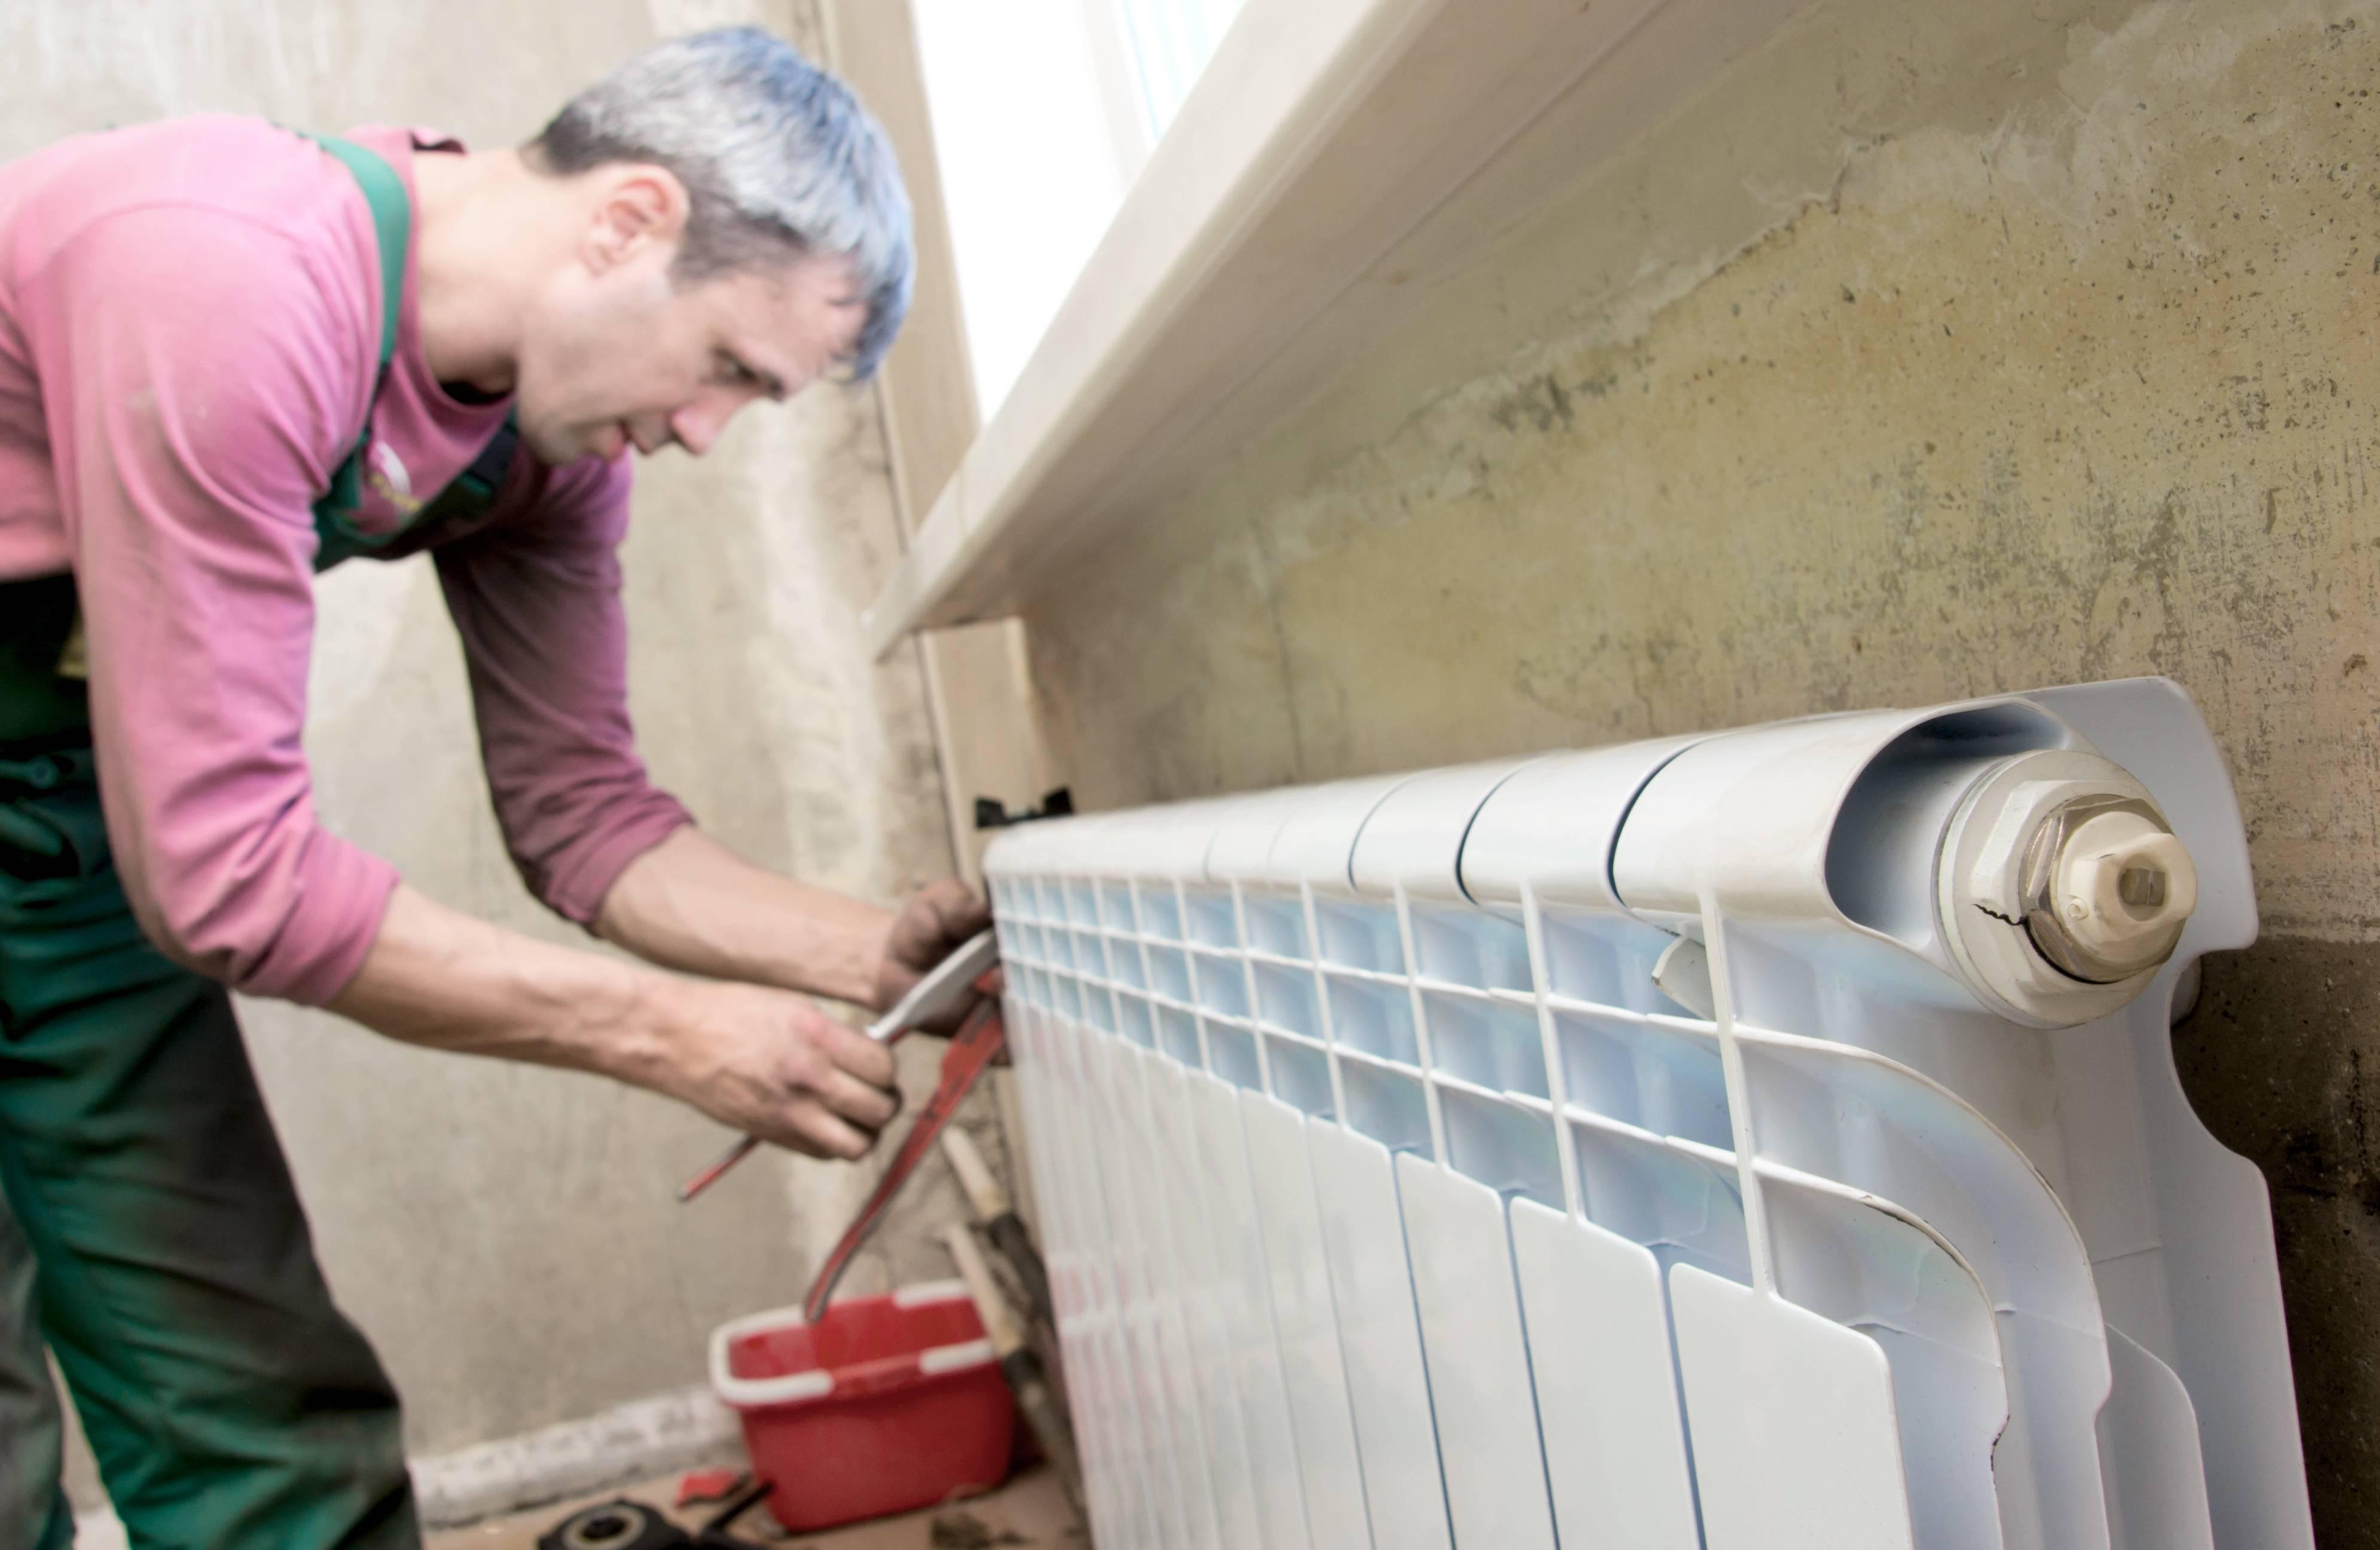 Промывка системы отопления - основные способы + видео руководство